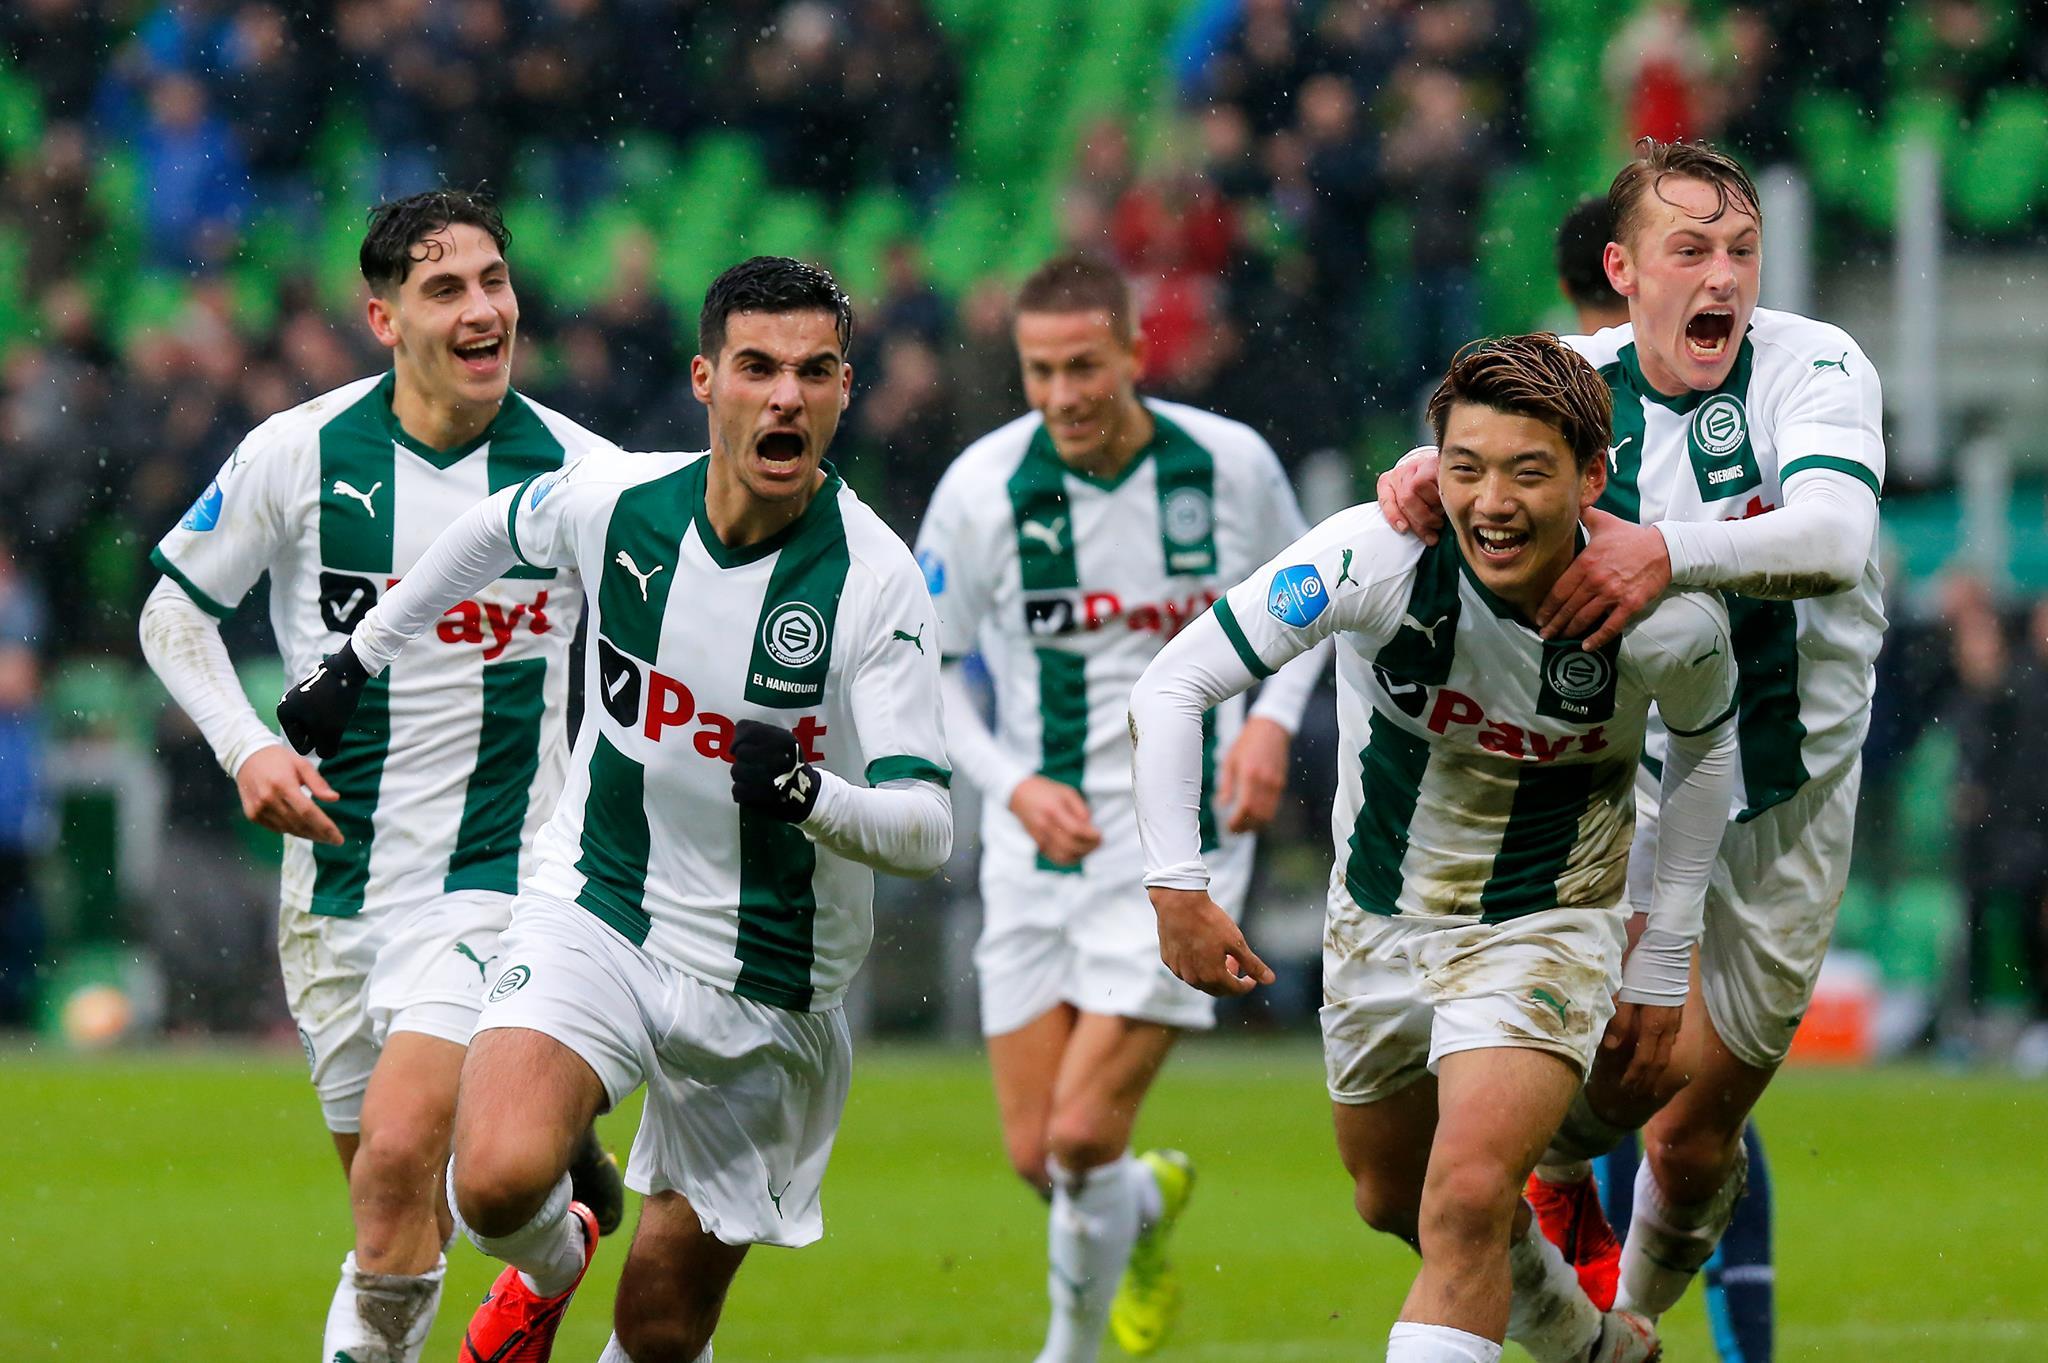 FC Emmen-Groningen 15 maggio: si gioca per l'ultima giornata della Serie A olandese. Sfida importantissima per gli ospiti.